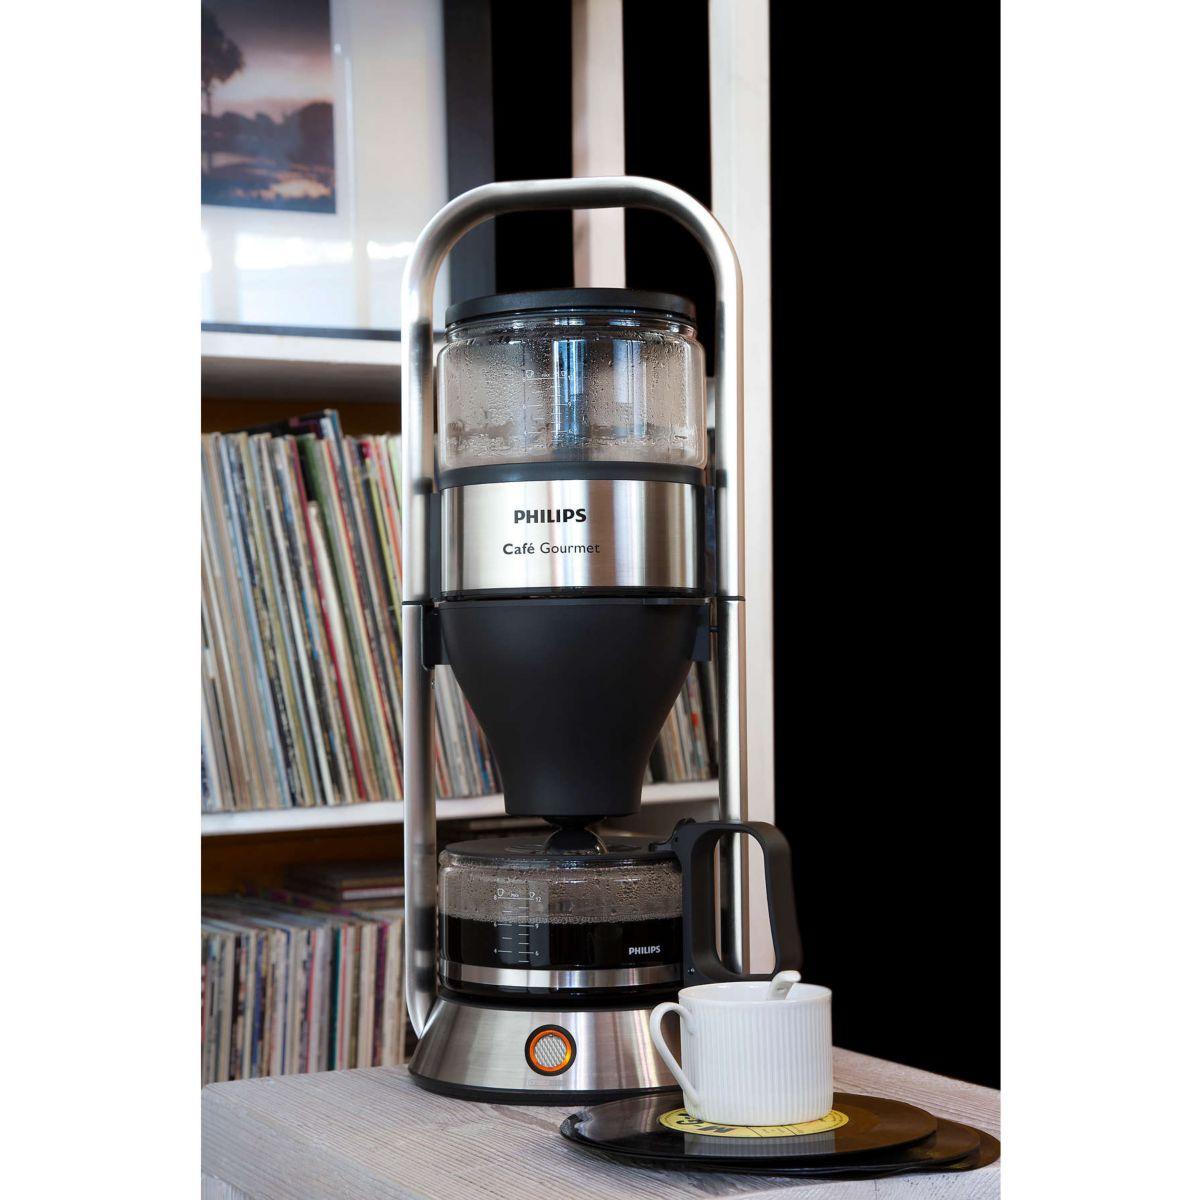 philips hd5412 00 cafeti re caf gourmet comparer avec. Black Bedroom Furniture Sets. Home Design Ideas